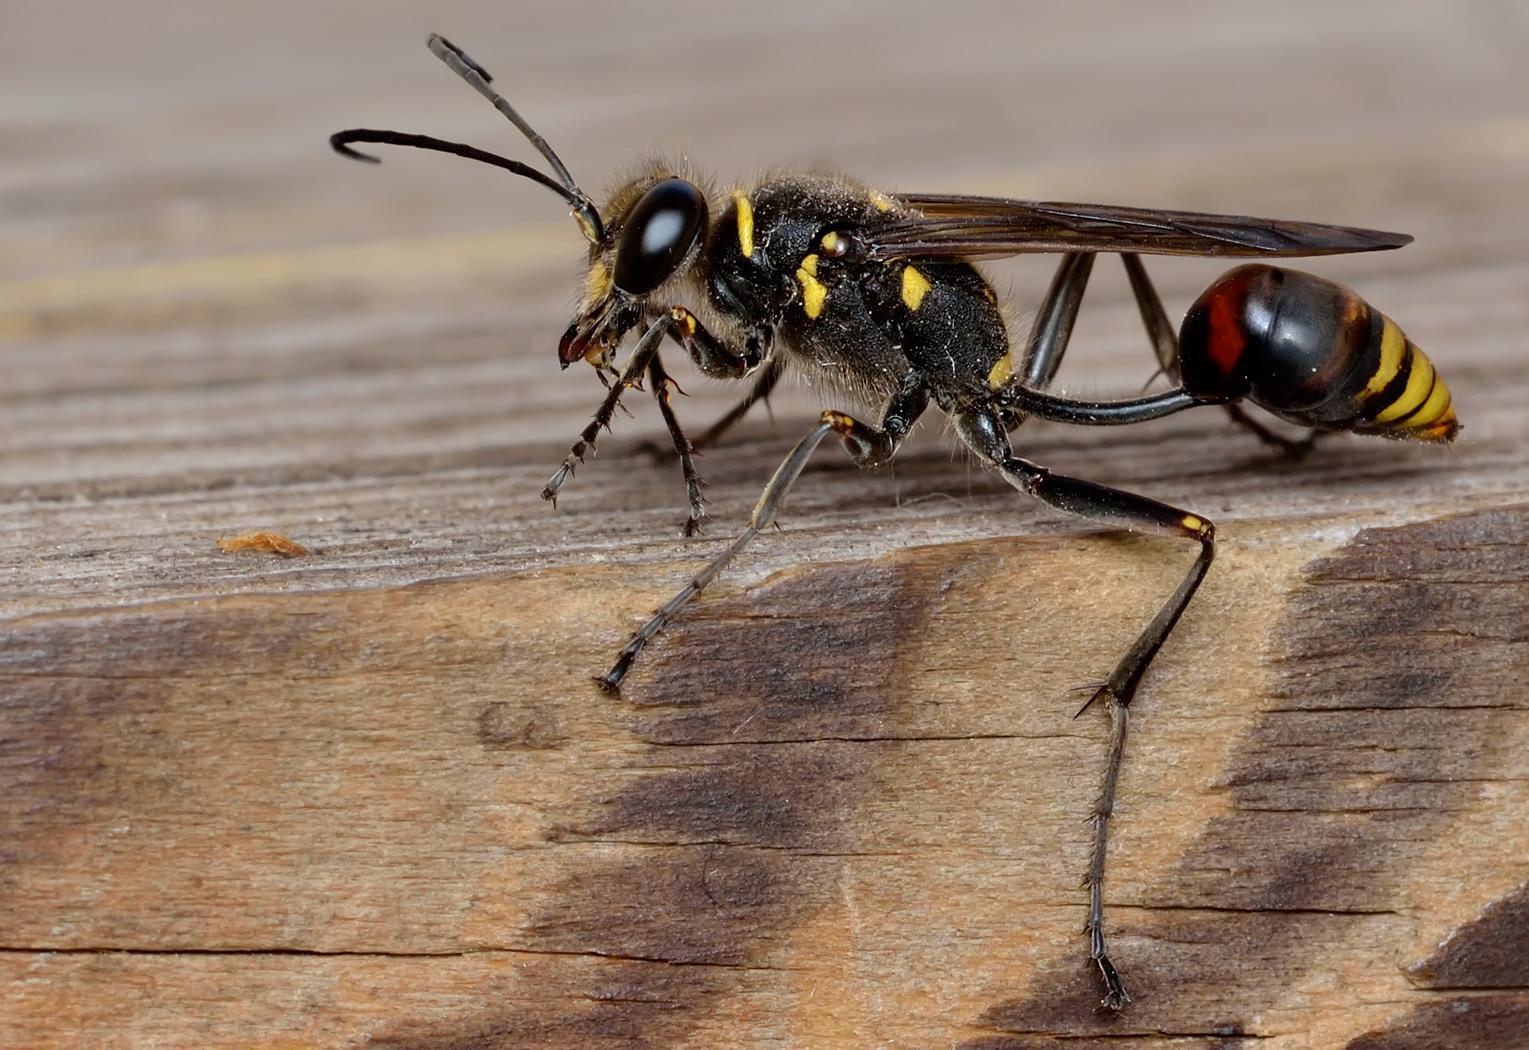 Осы главные насекомые убийцы